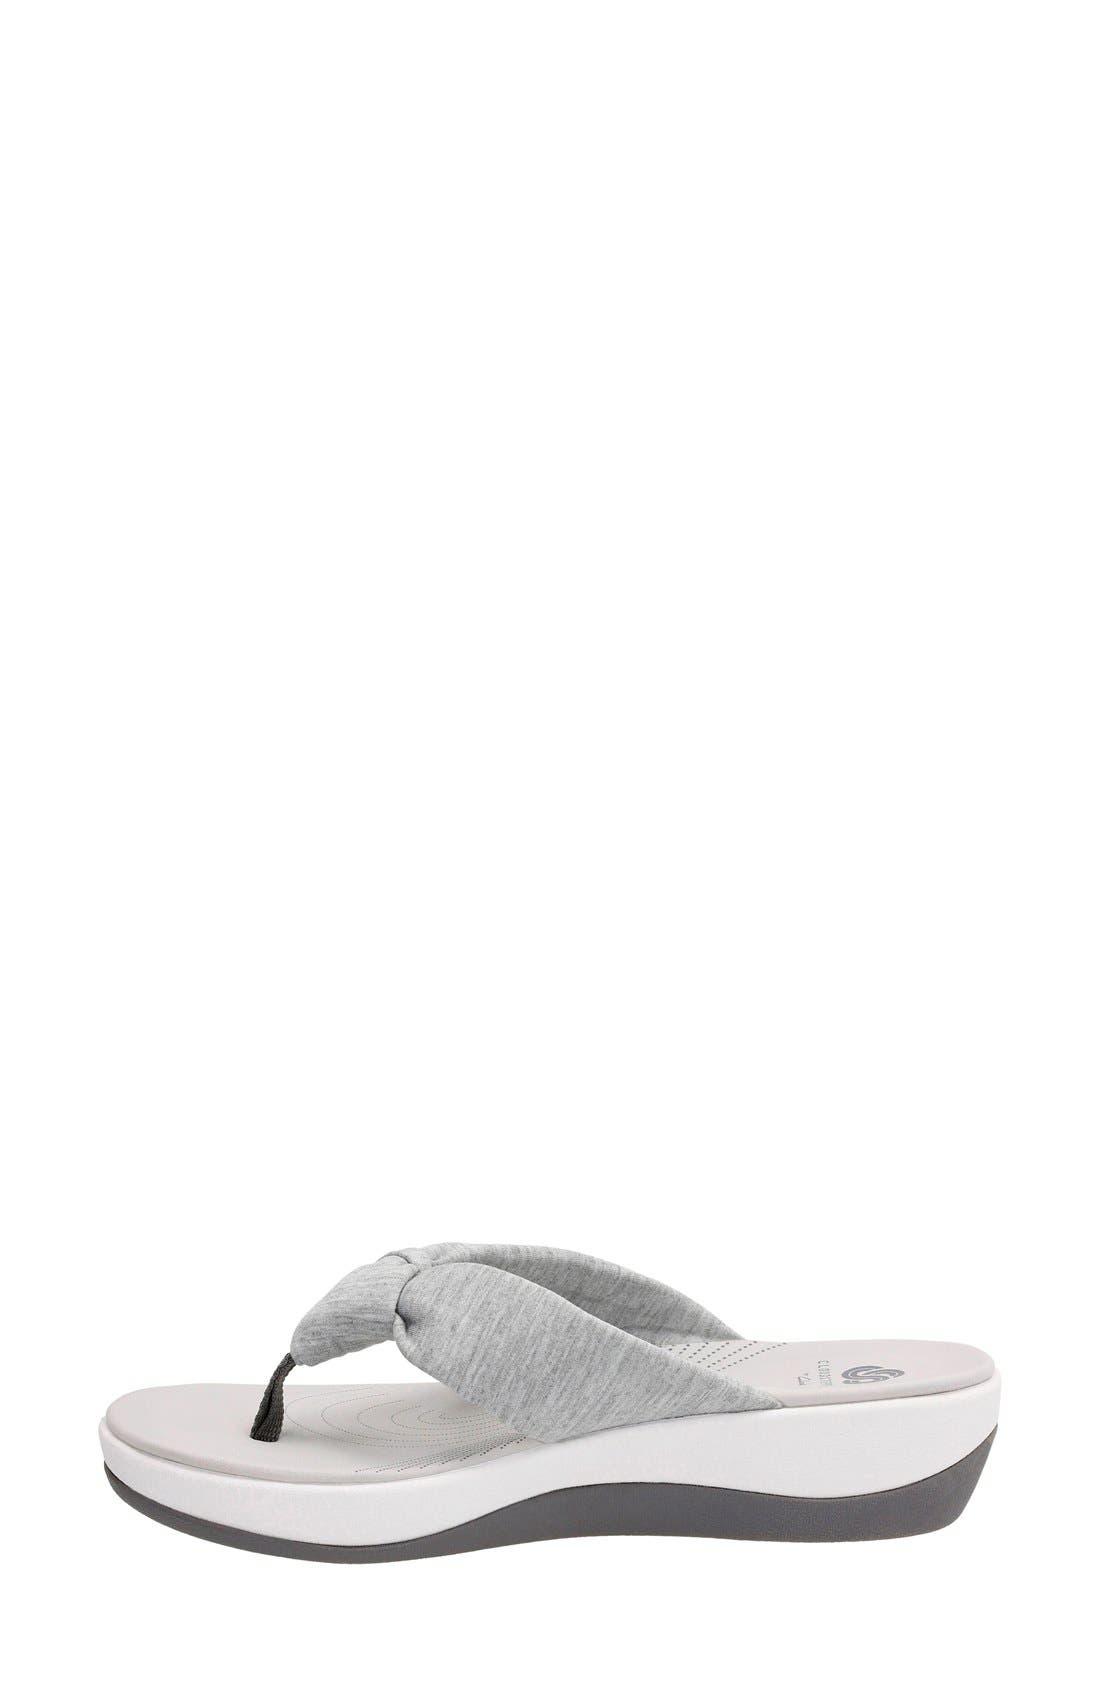 Arla Glison Flip Flop,                             Alternate thumbnail 72, color,